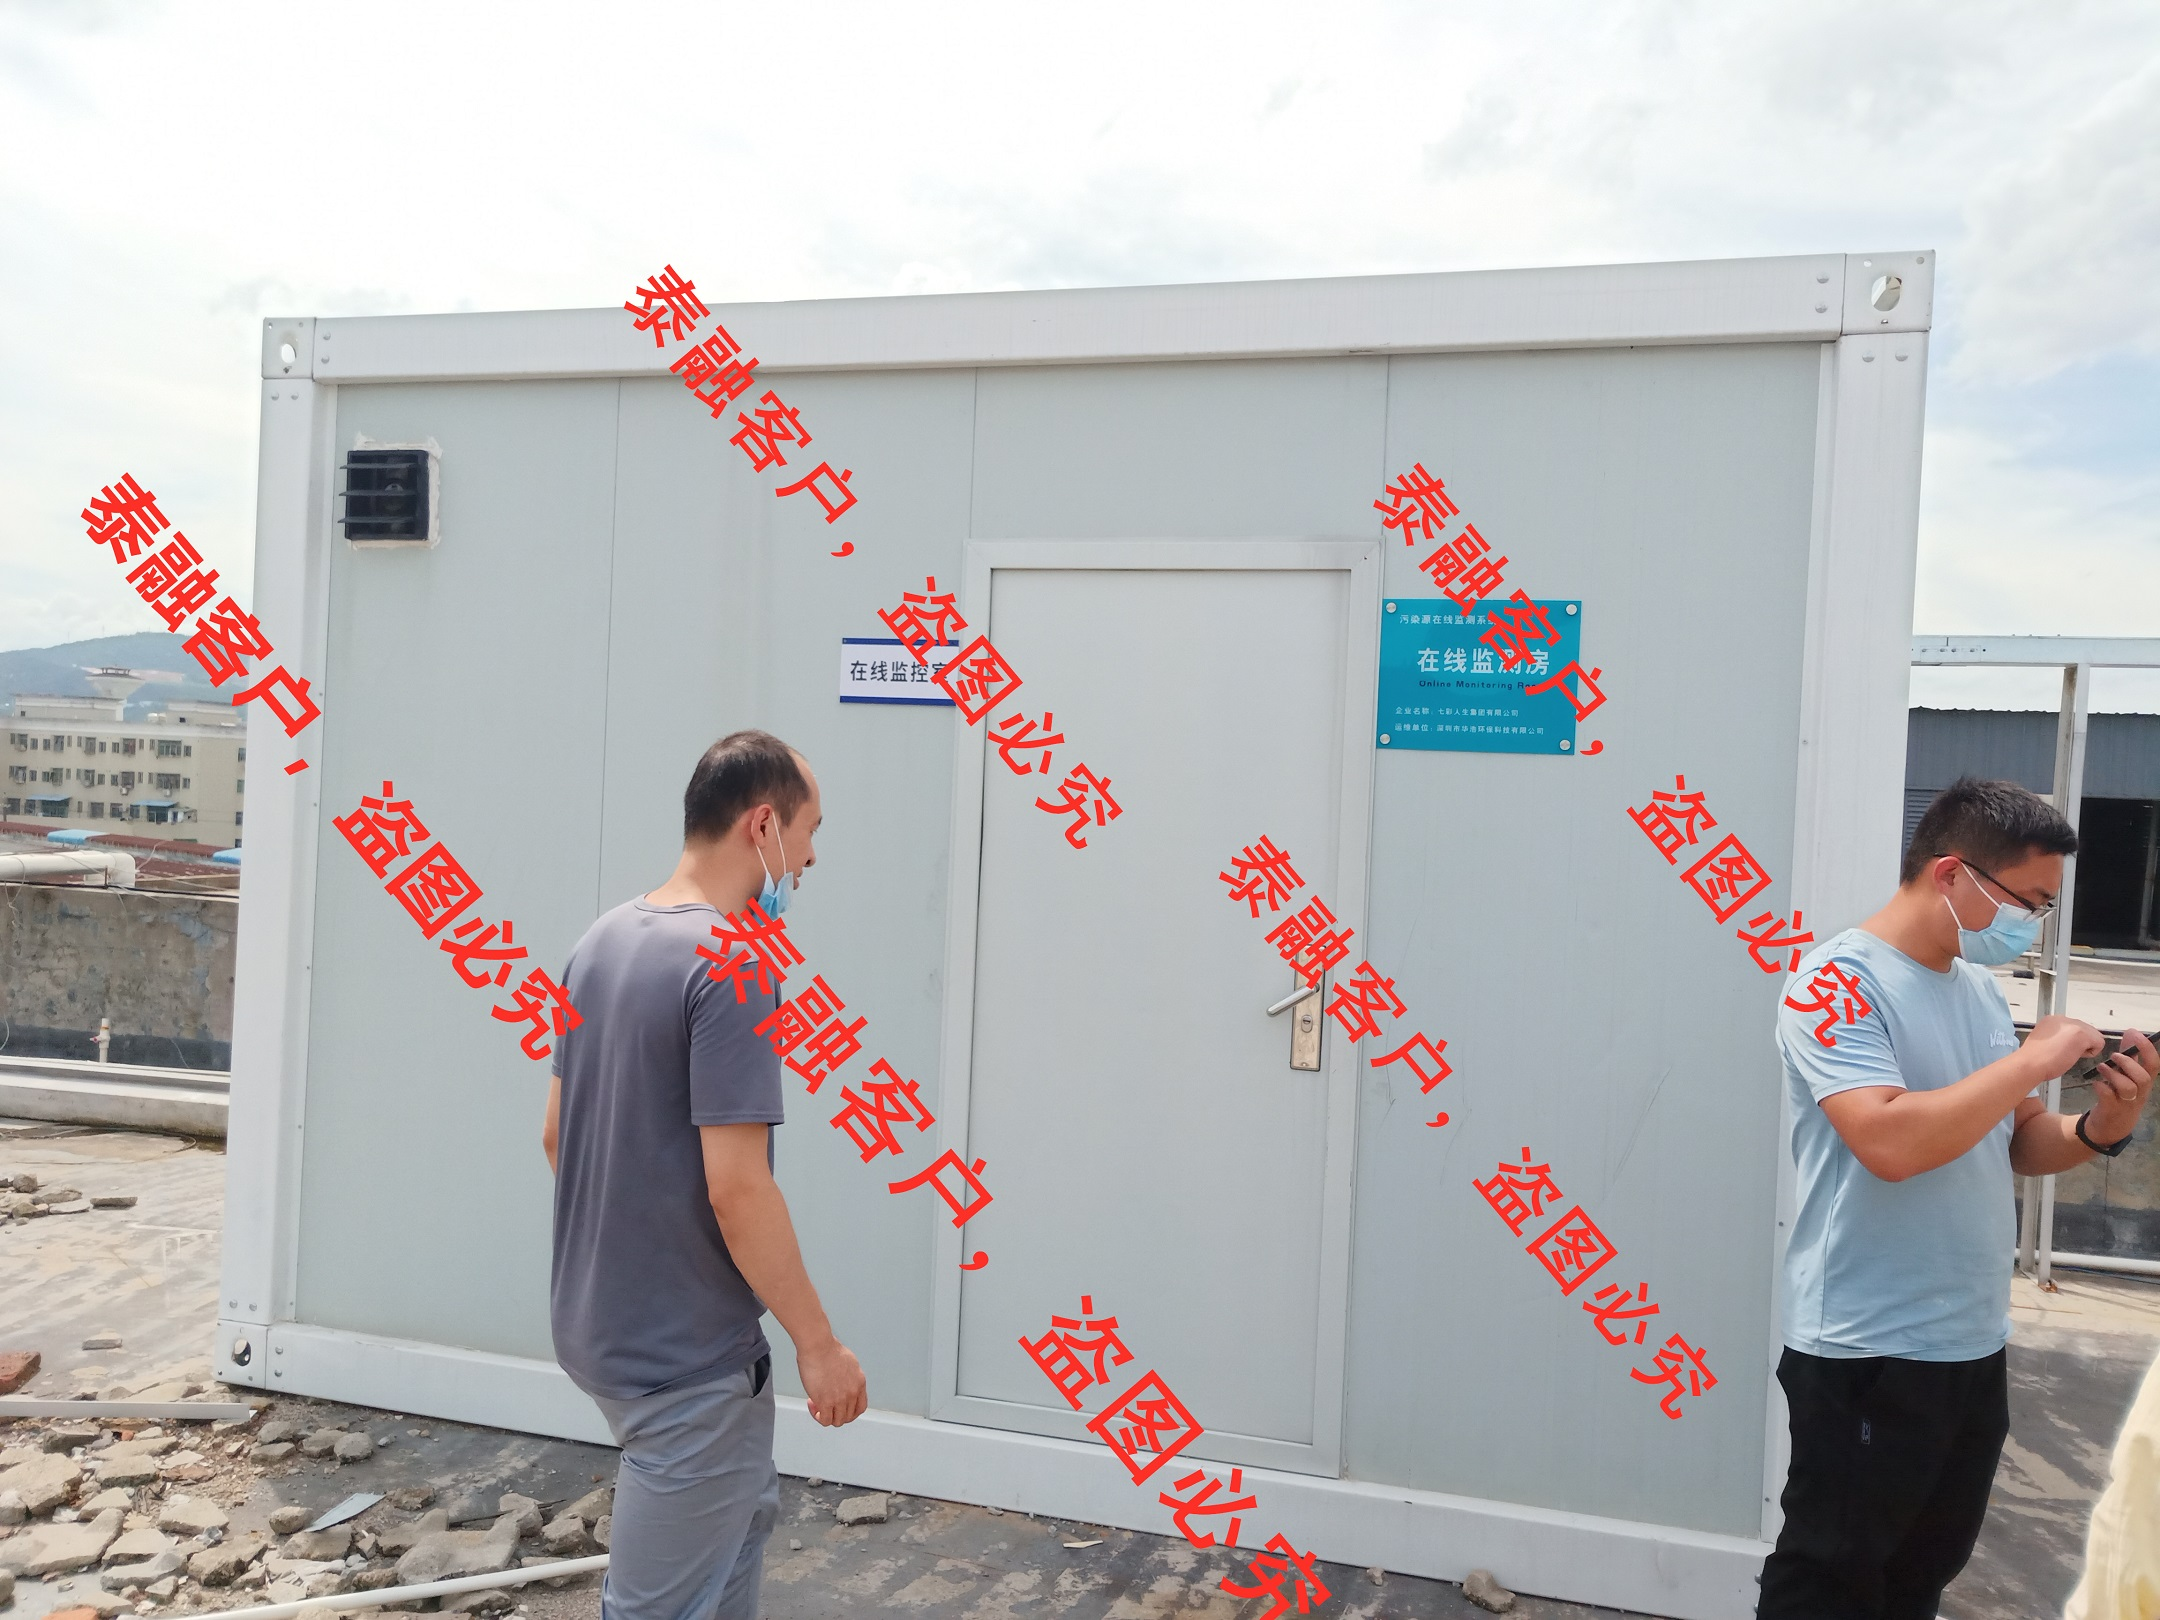 深圳市-在线监测系统运营服务认证 (4)